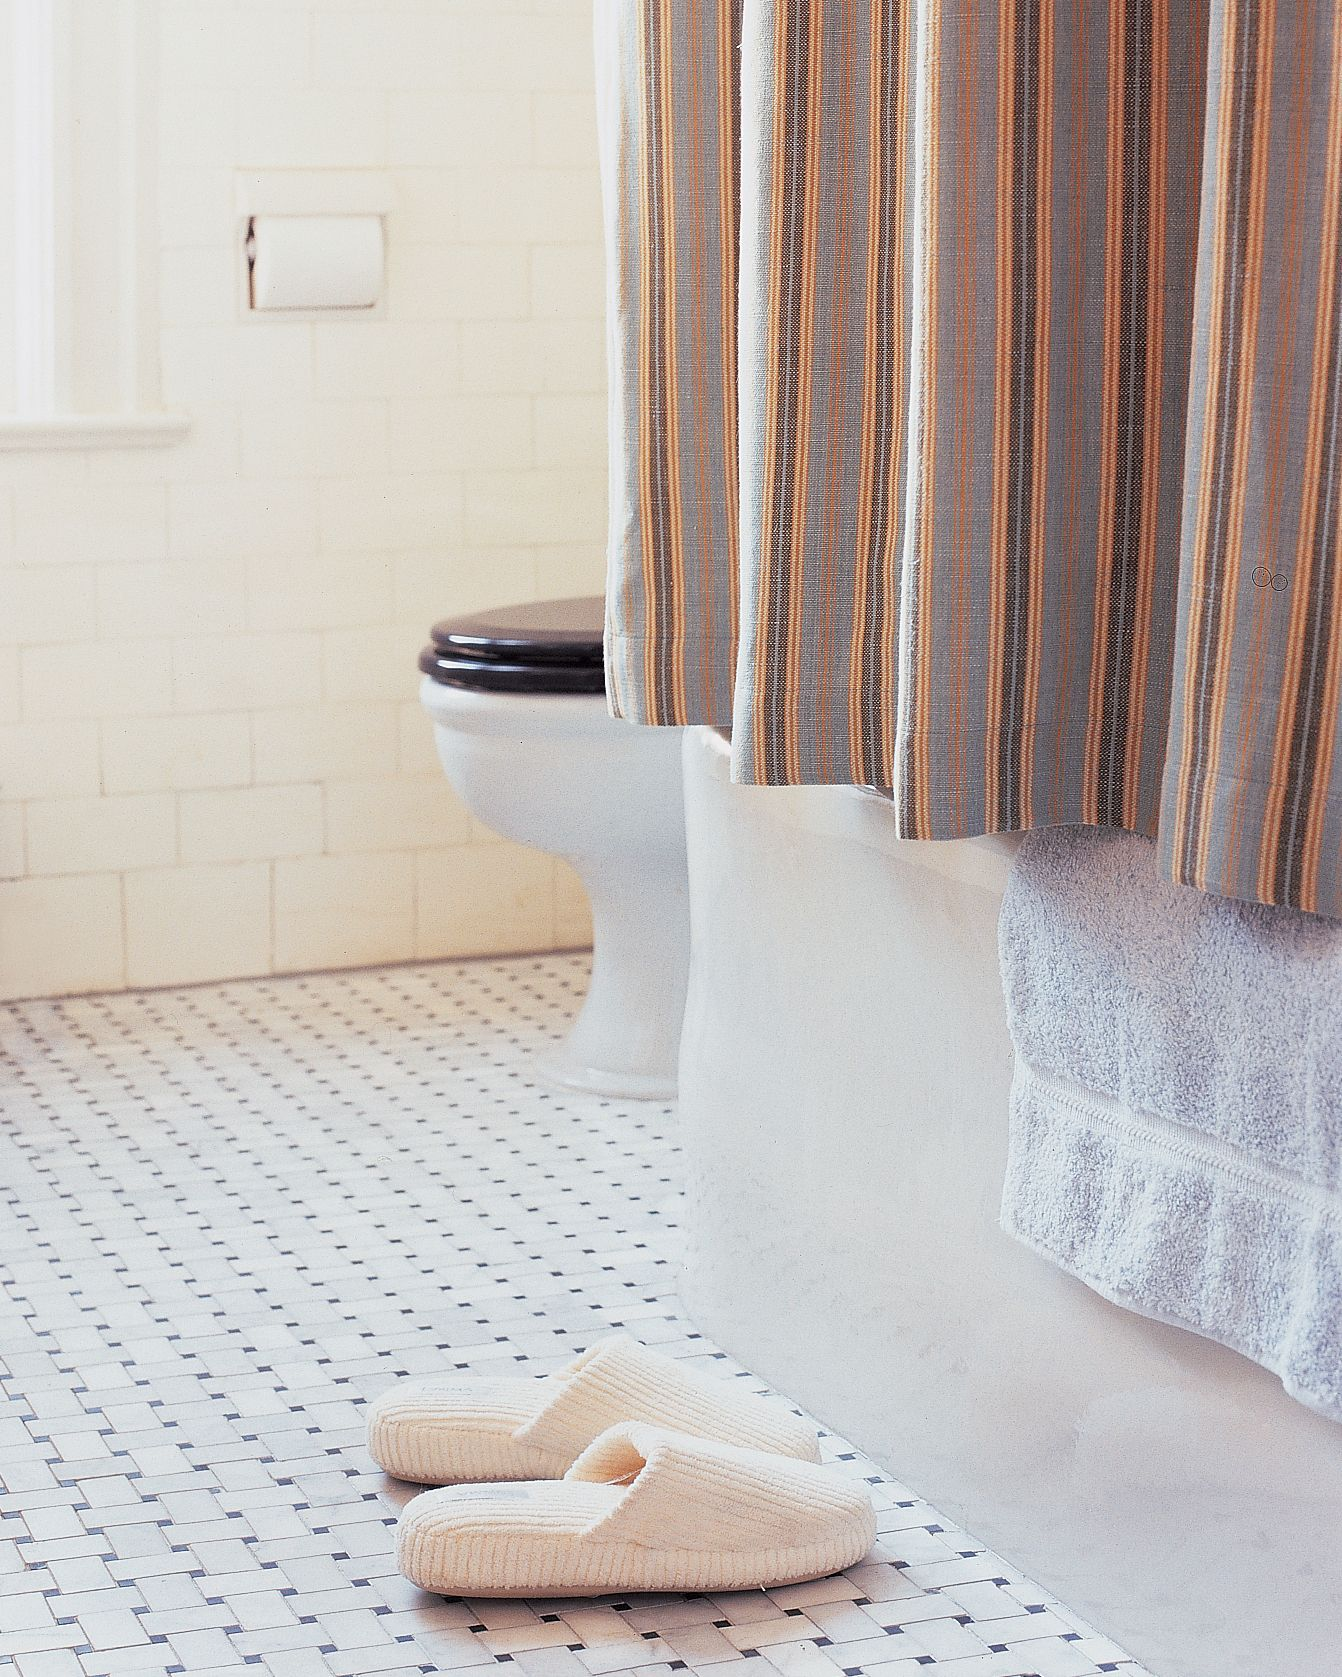 bathroom organization curtains pvc shower